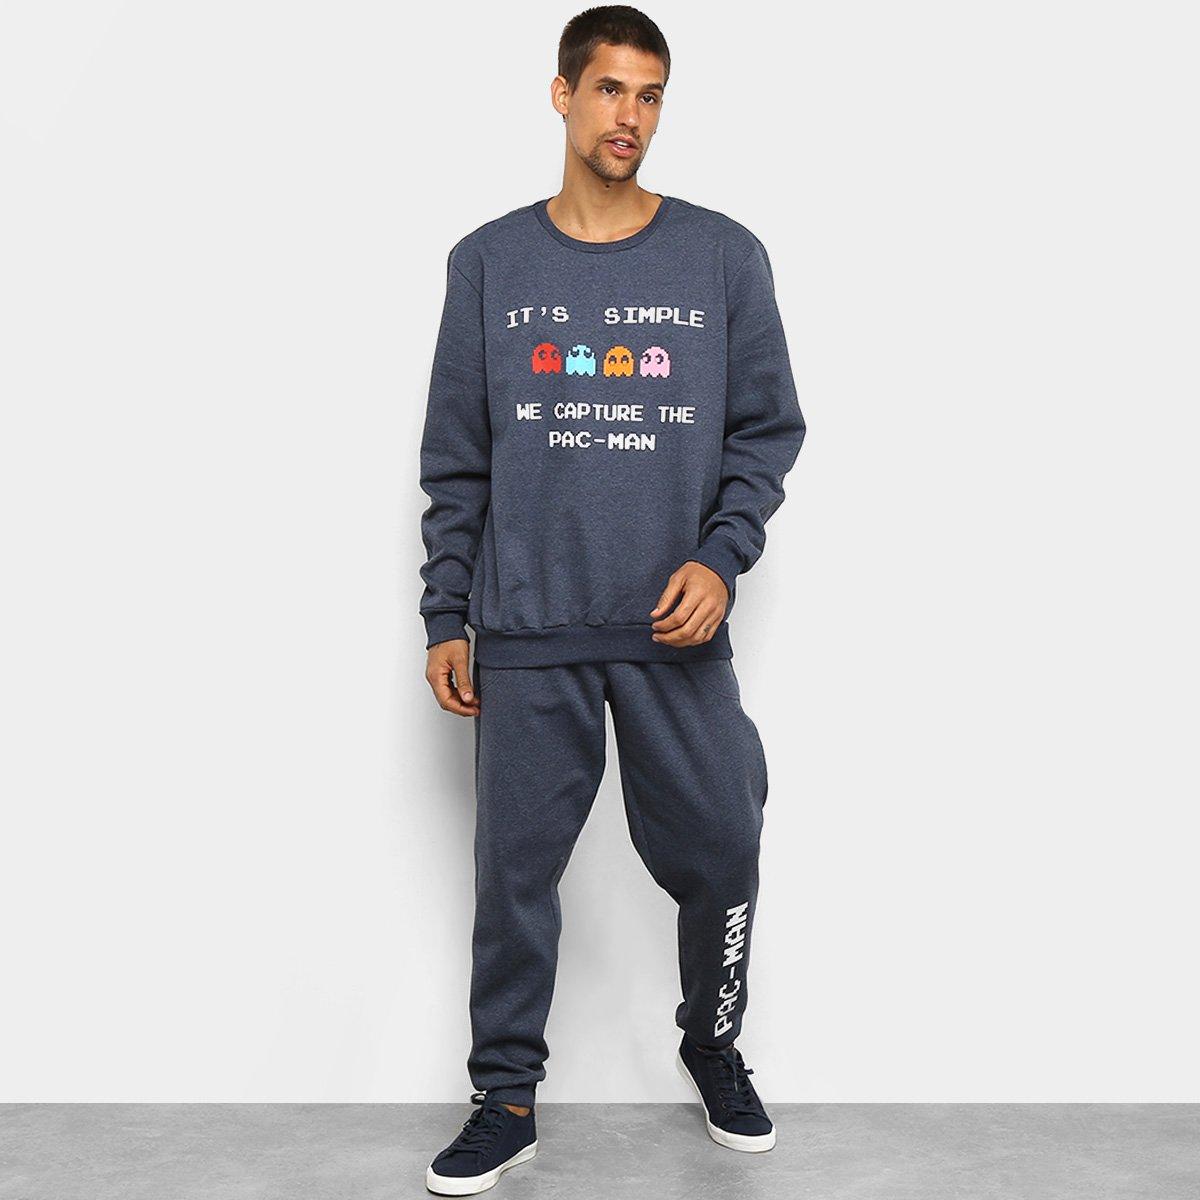 Agasalho Moletom Pacman Blusa e Calça Capture Masculino